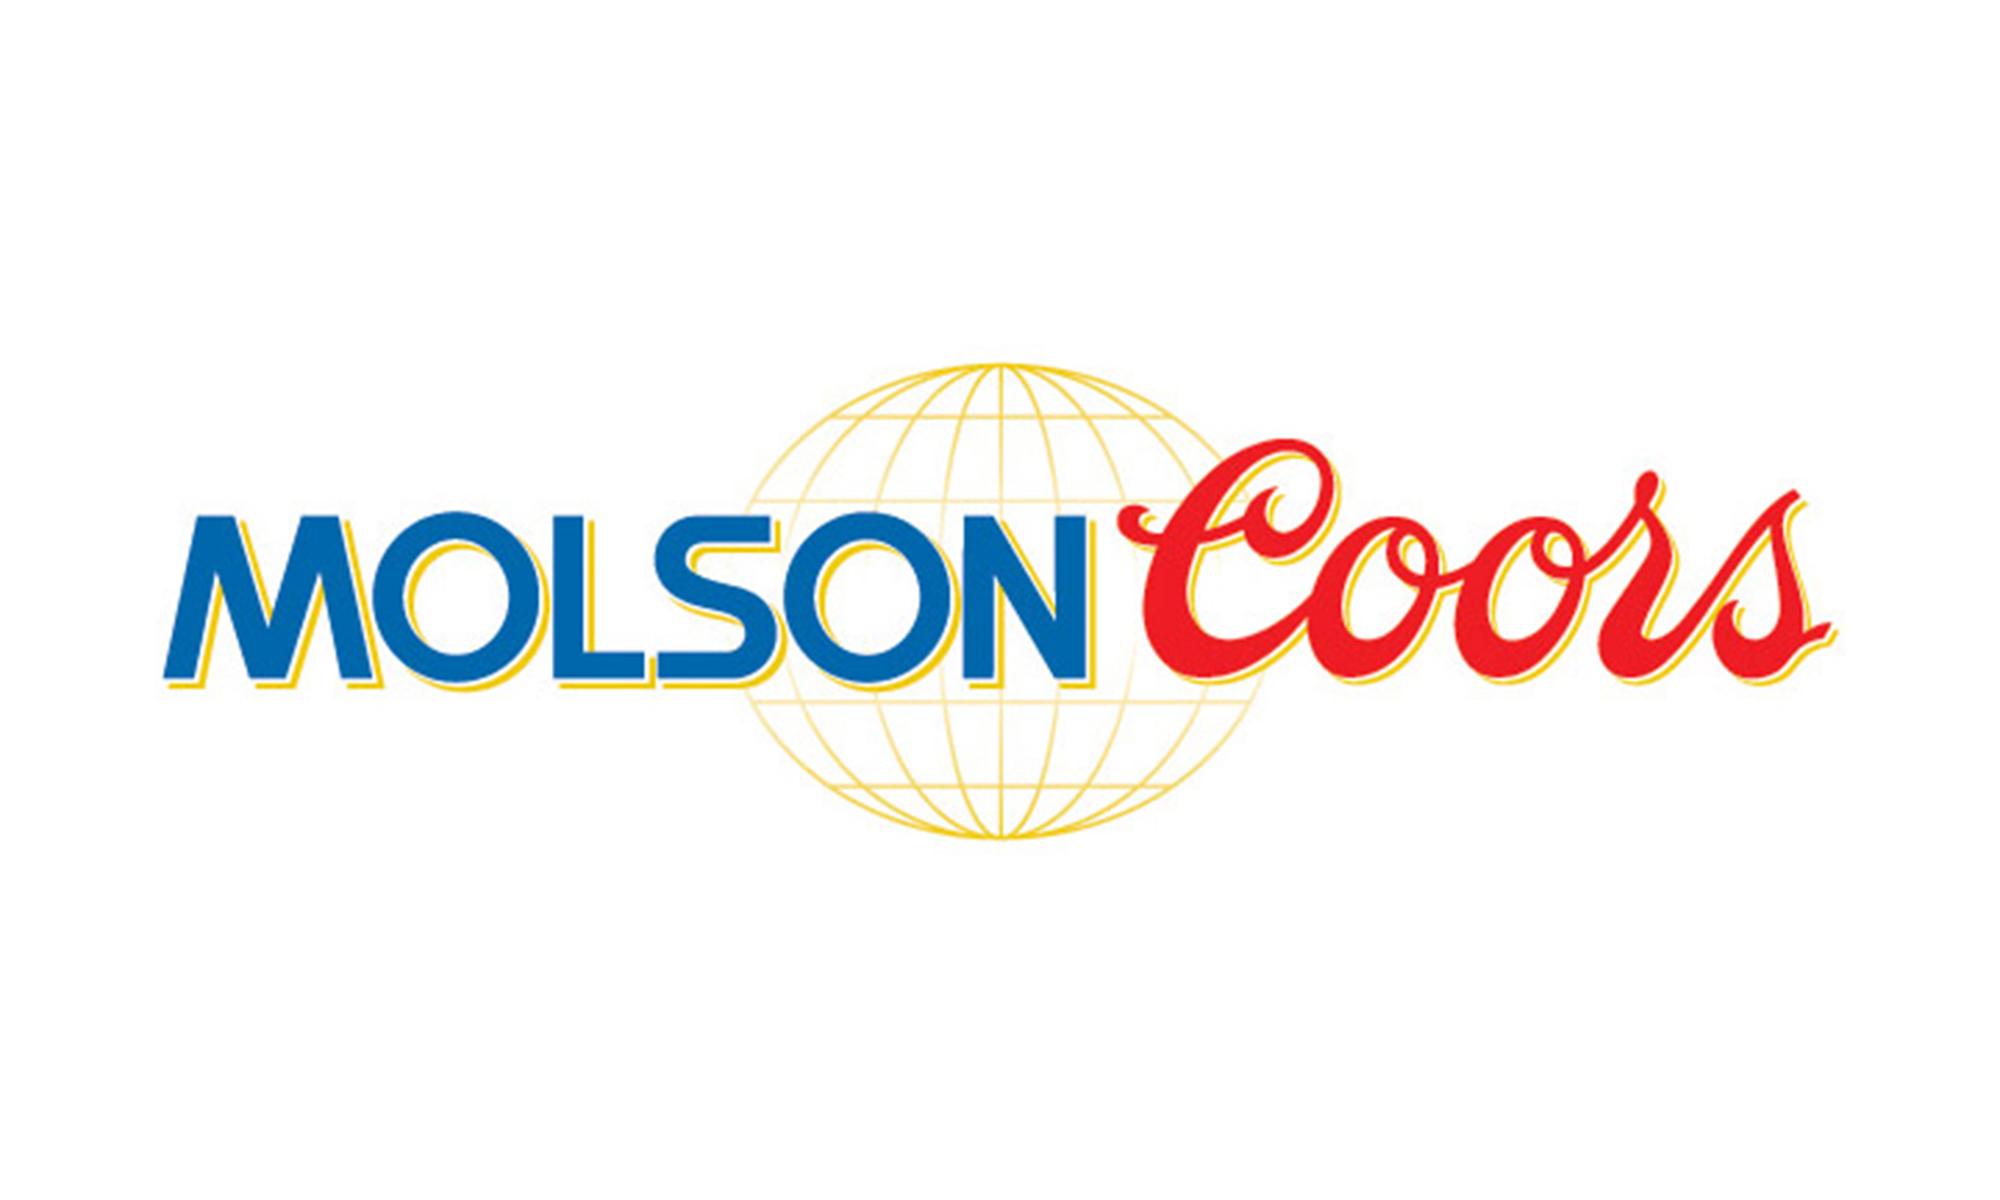 https://0901.nccdn.net/4_2/000/000/00d/f43/molson-coors-big.jpg